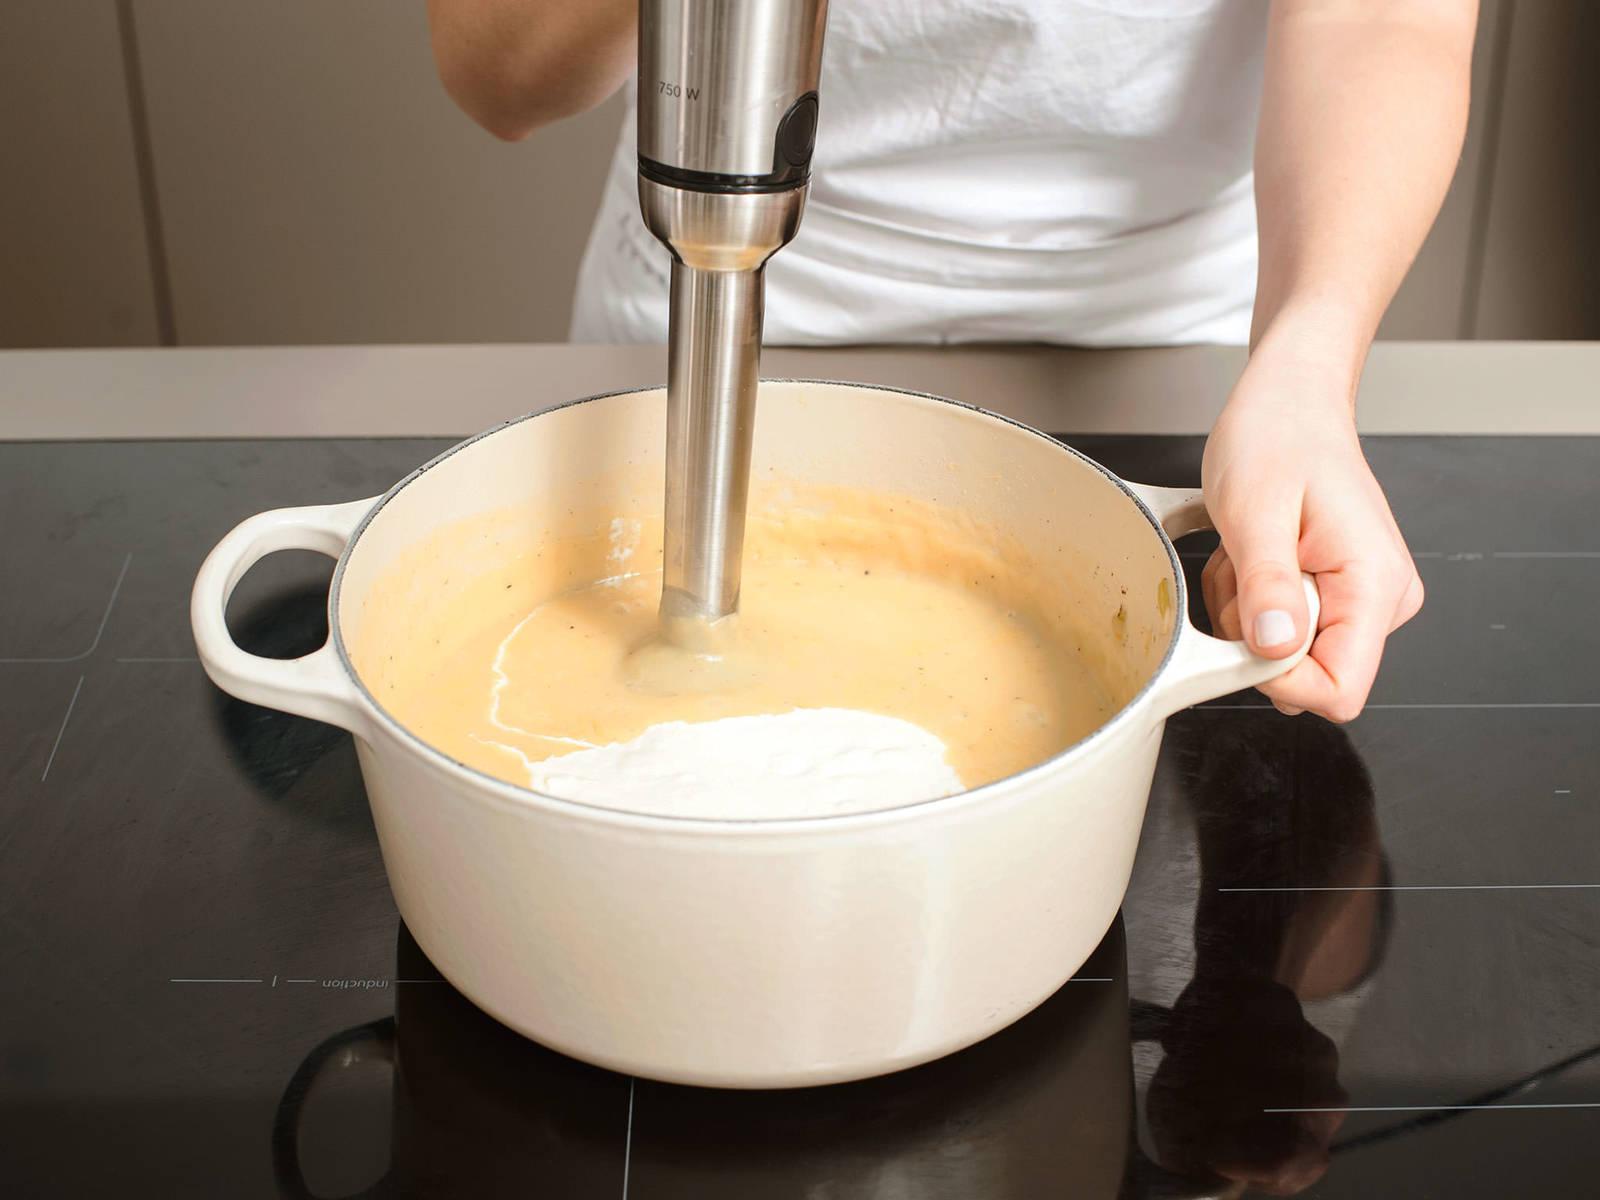 将辣根混合物放入土豆中,然后将锅从炉上取下。将手持搅拌机将其打泥,直至质地柔滑。